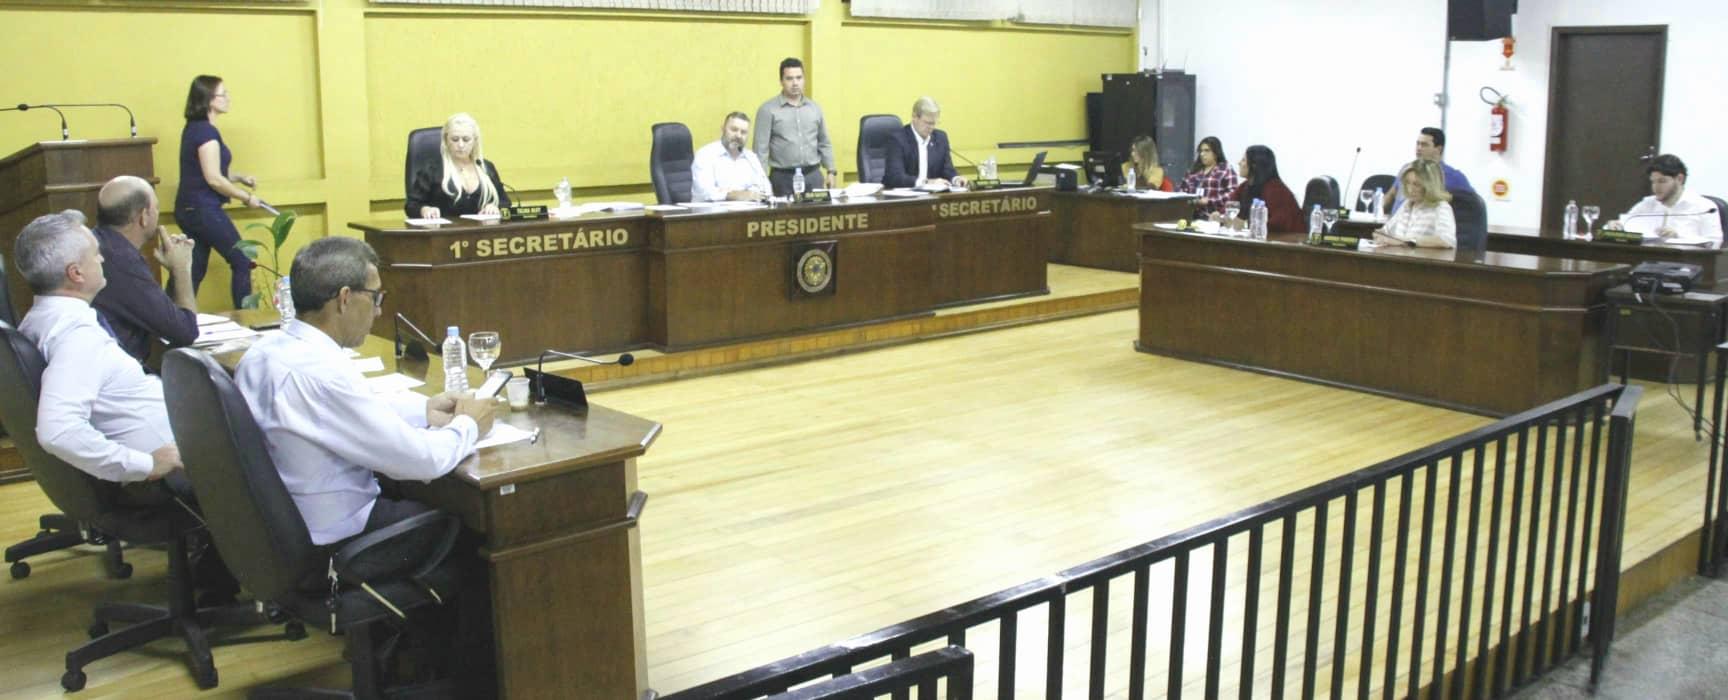 Projeto de Lei que estabelece horário de funcionamento das farmácias e drogarias do município de Canoinhas é aprovado